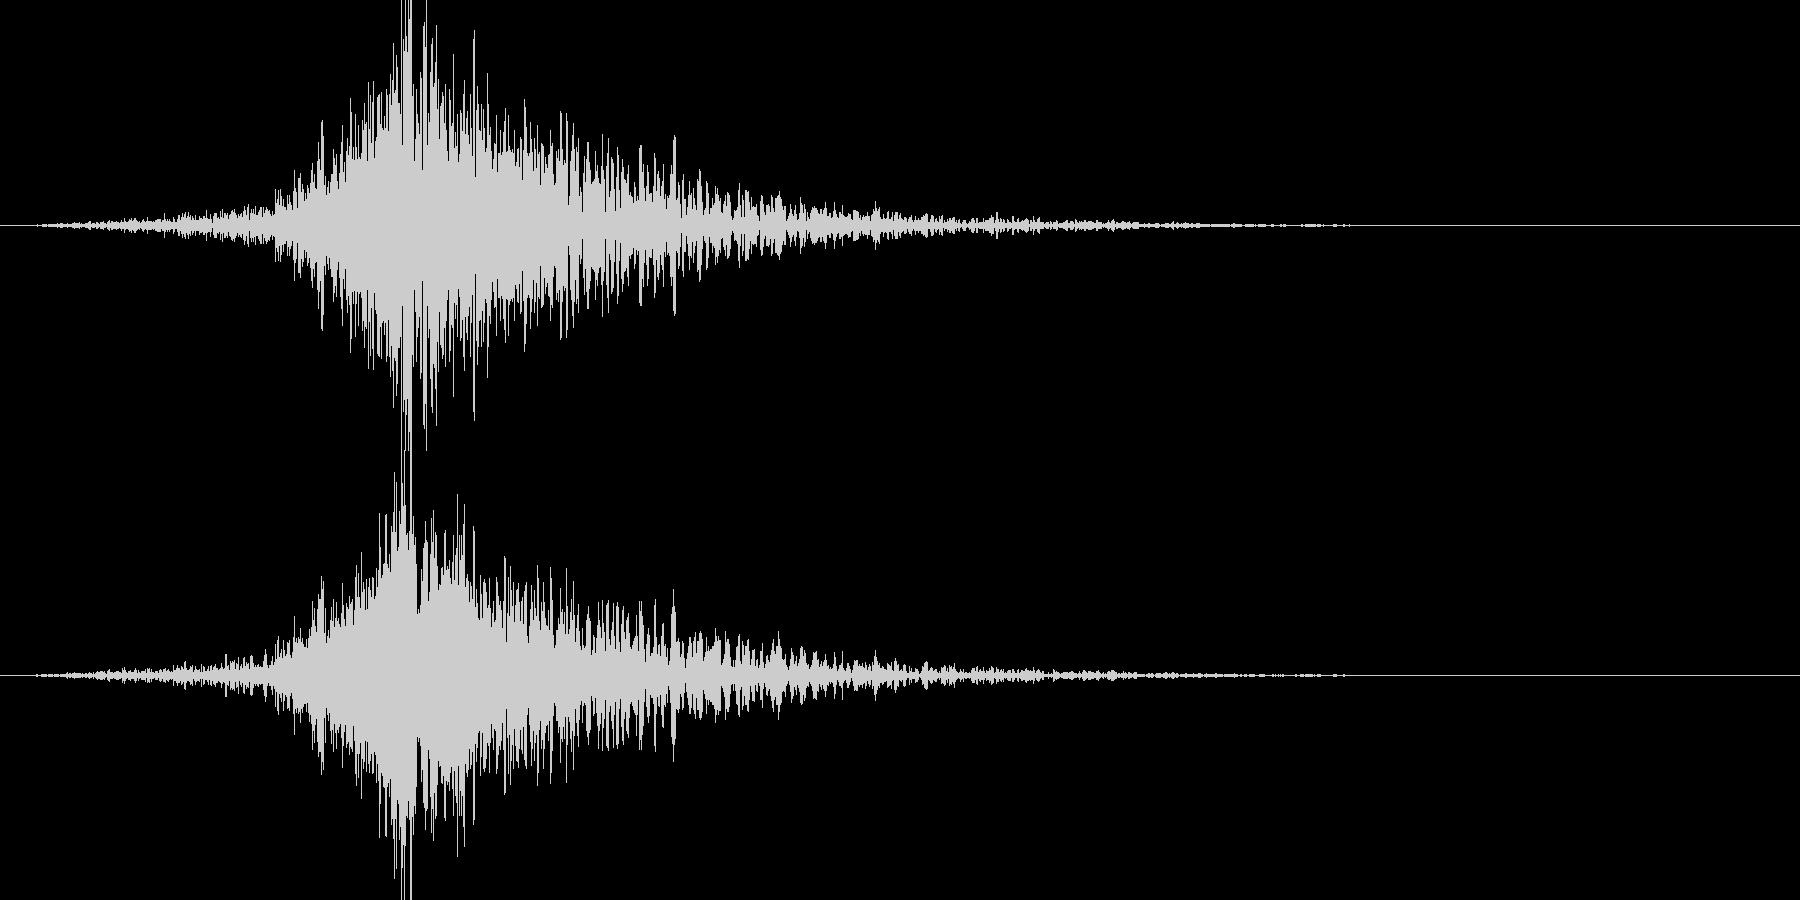 バーン:オープニングロゴなどの締めの音2の未再生の波形